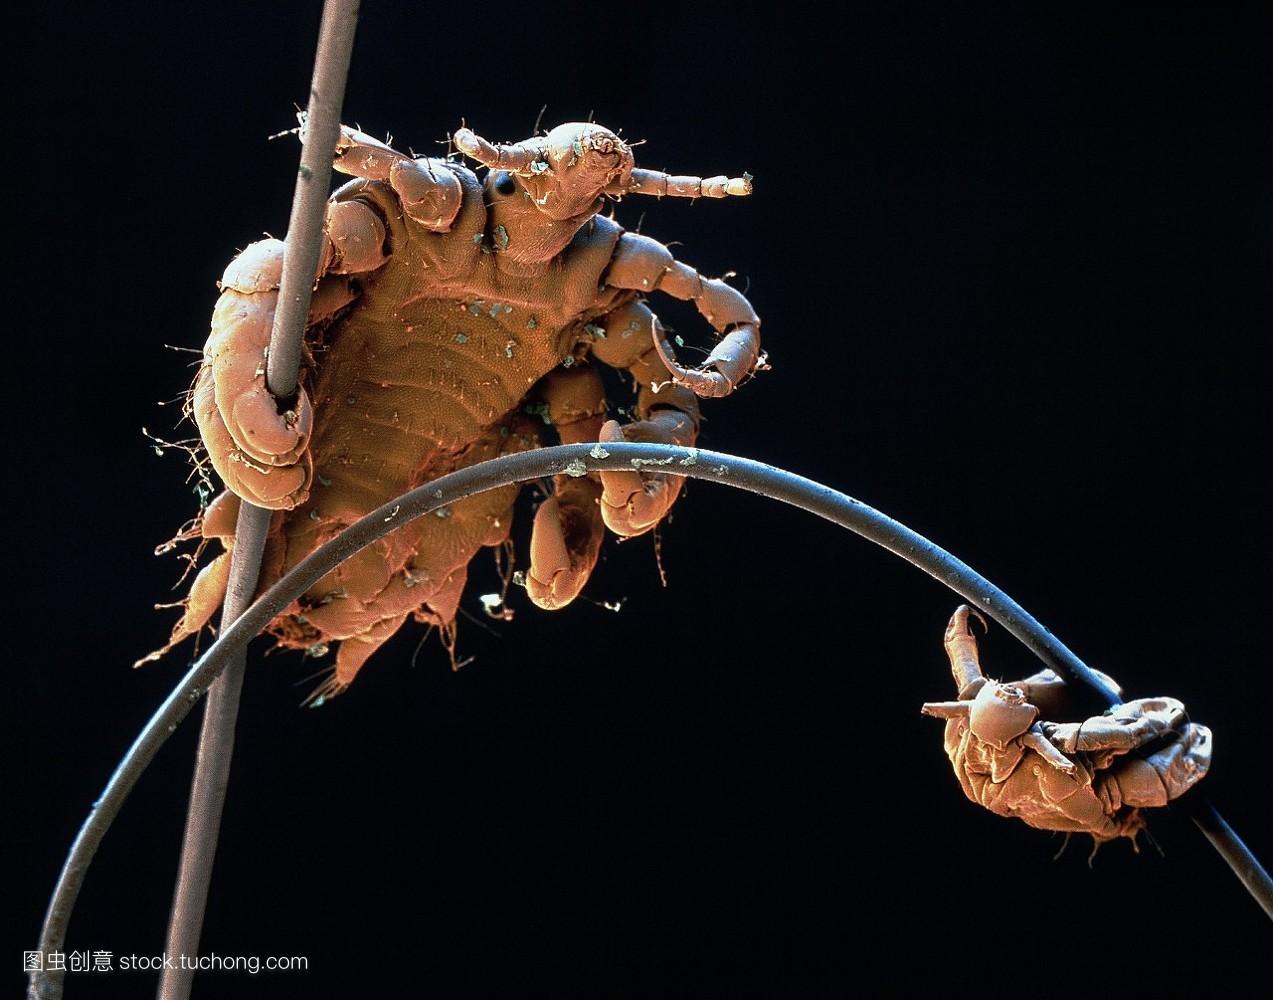 头发上虱子显微镜分享展示图片